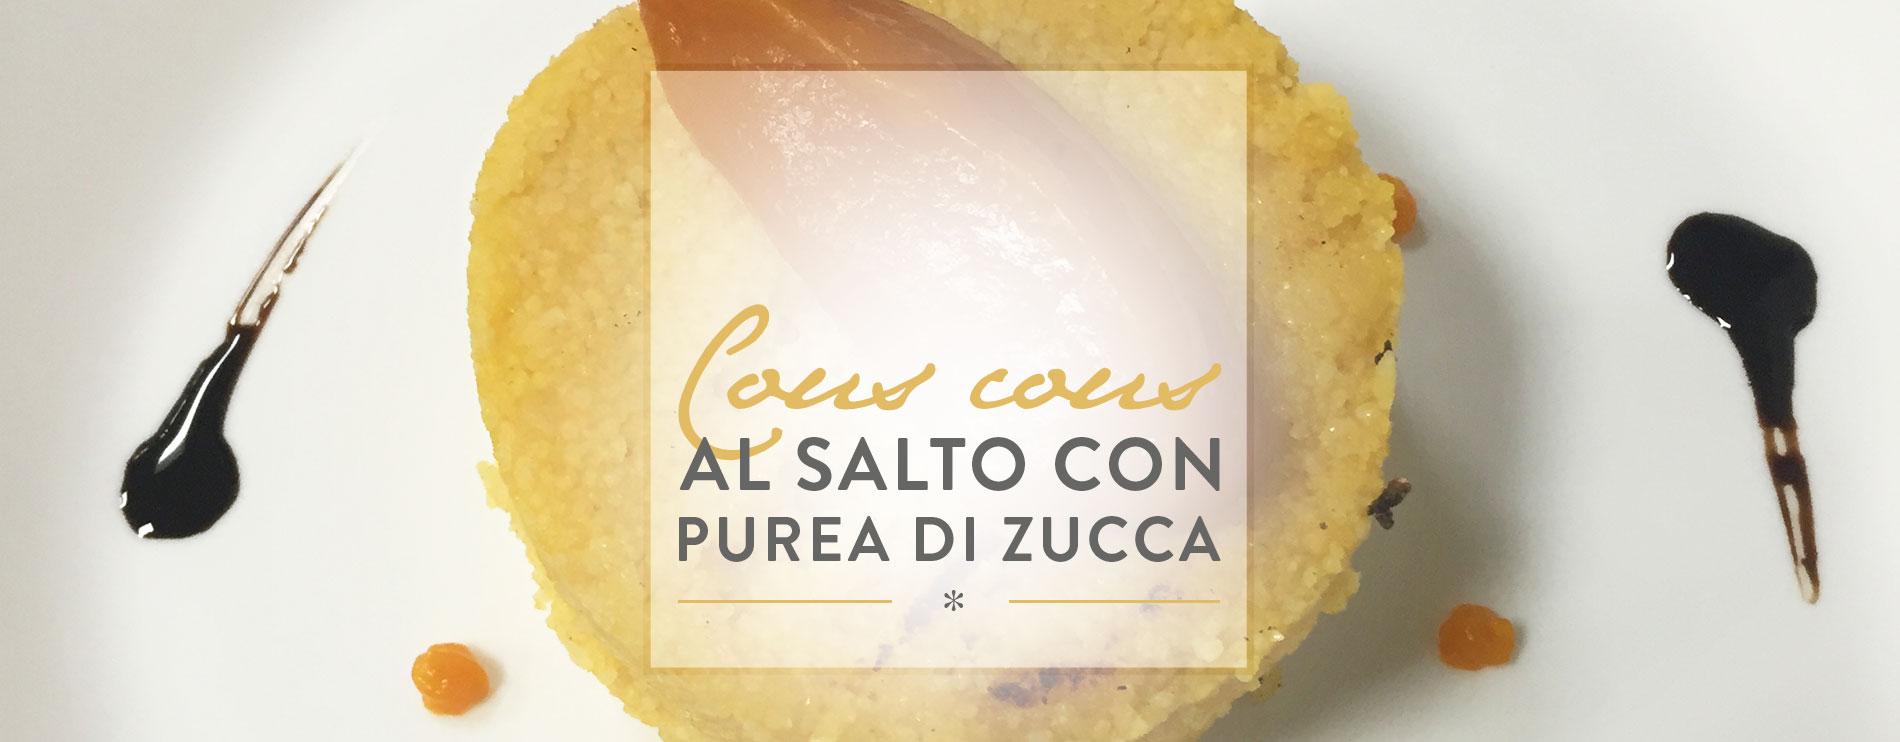 Cous-cous-al-salto-con-purea-di-zucca-header